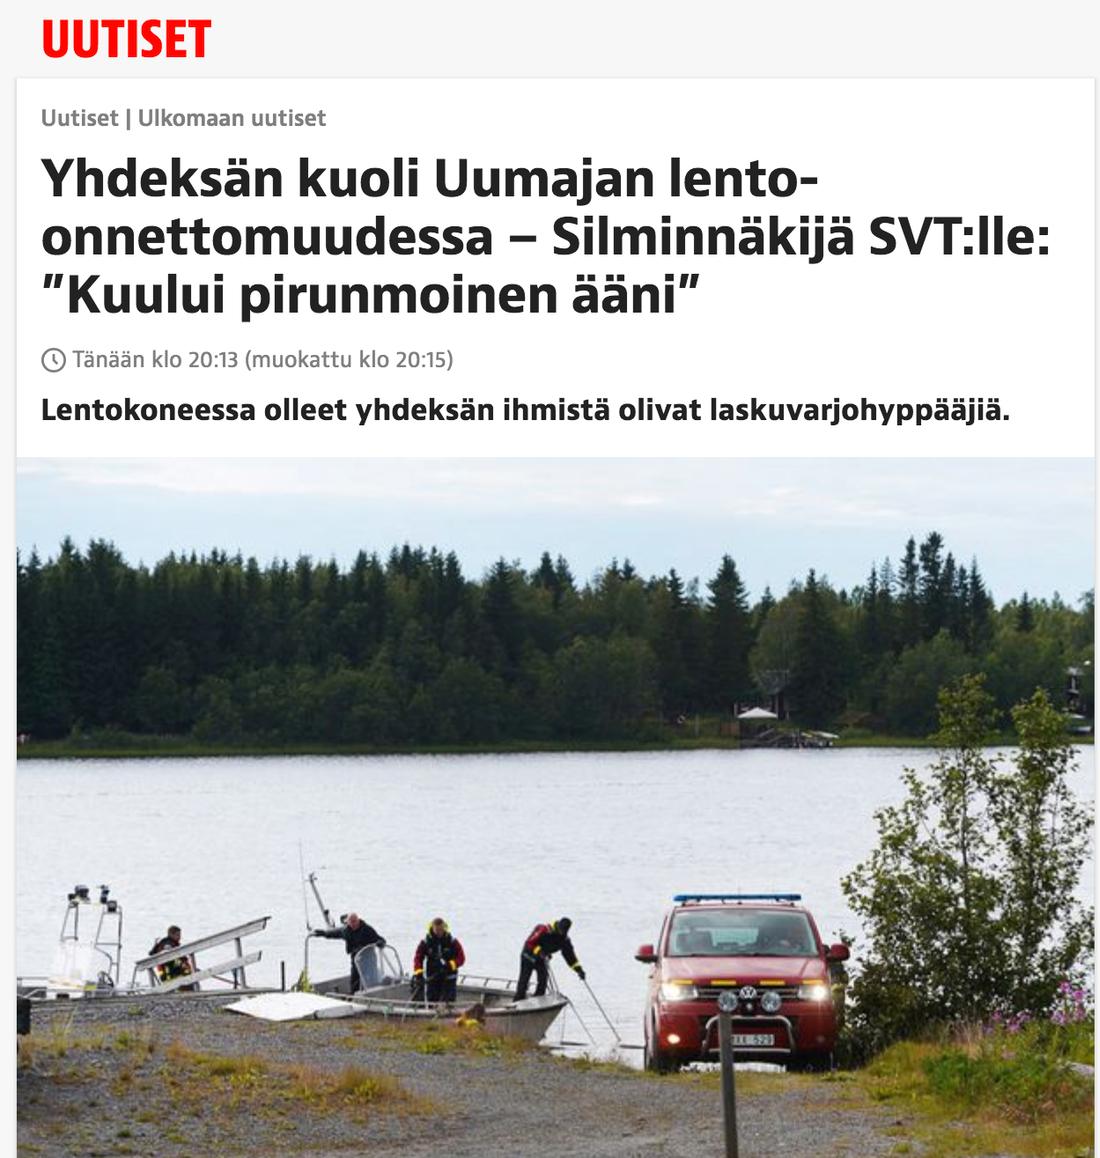 """Iltalehti, Finland, citerar ett vittne som berättar för SVT att ett """"djävulskt ljud hördes""""."""